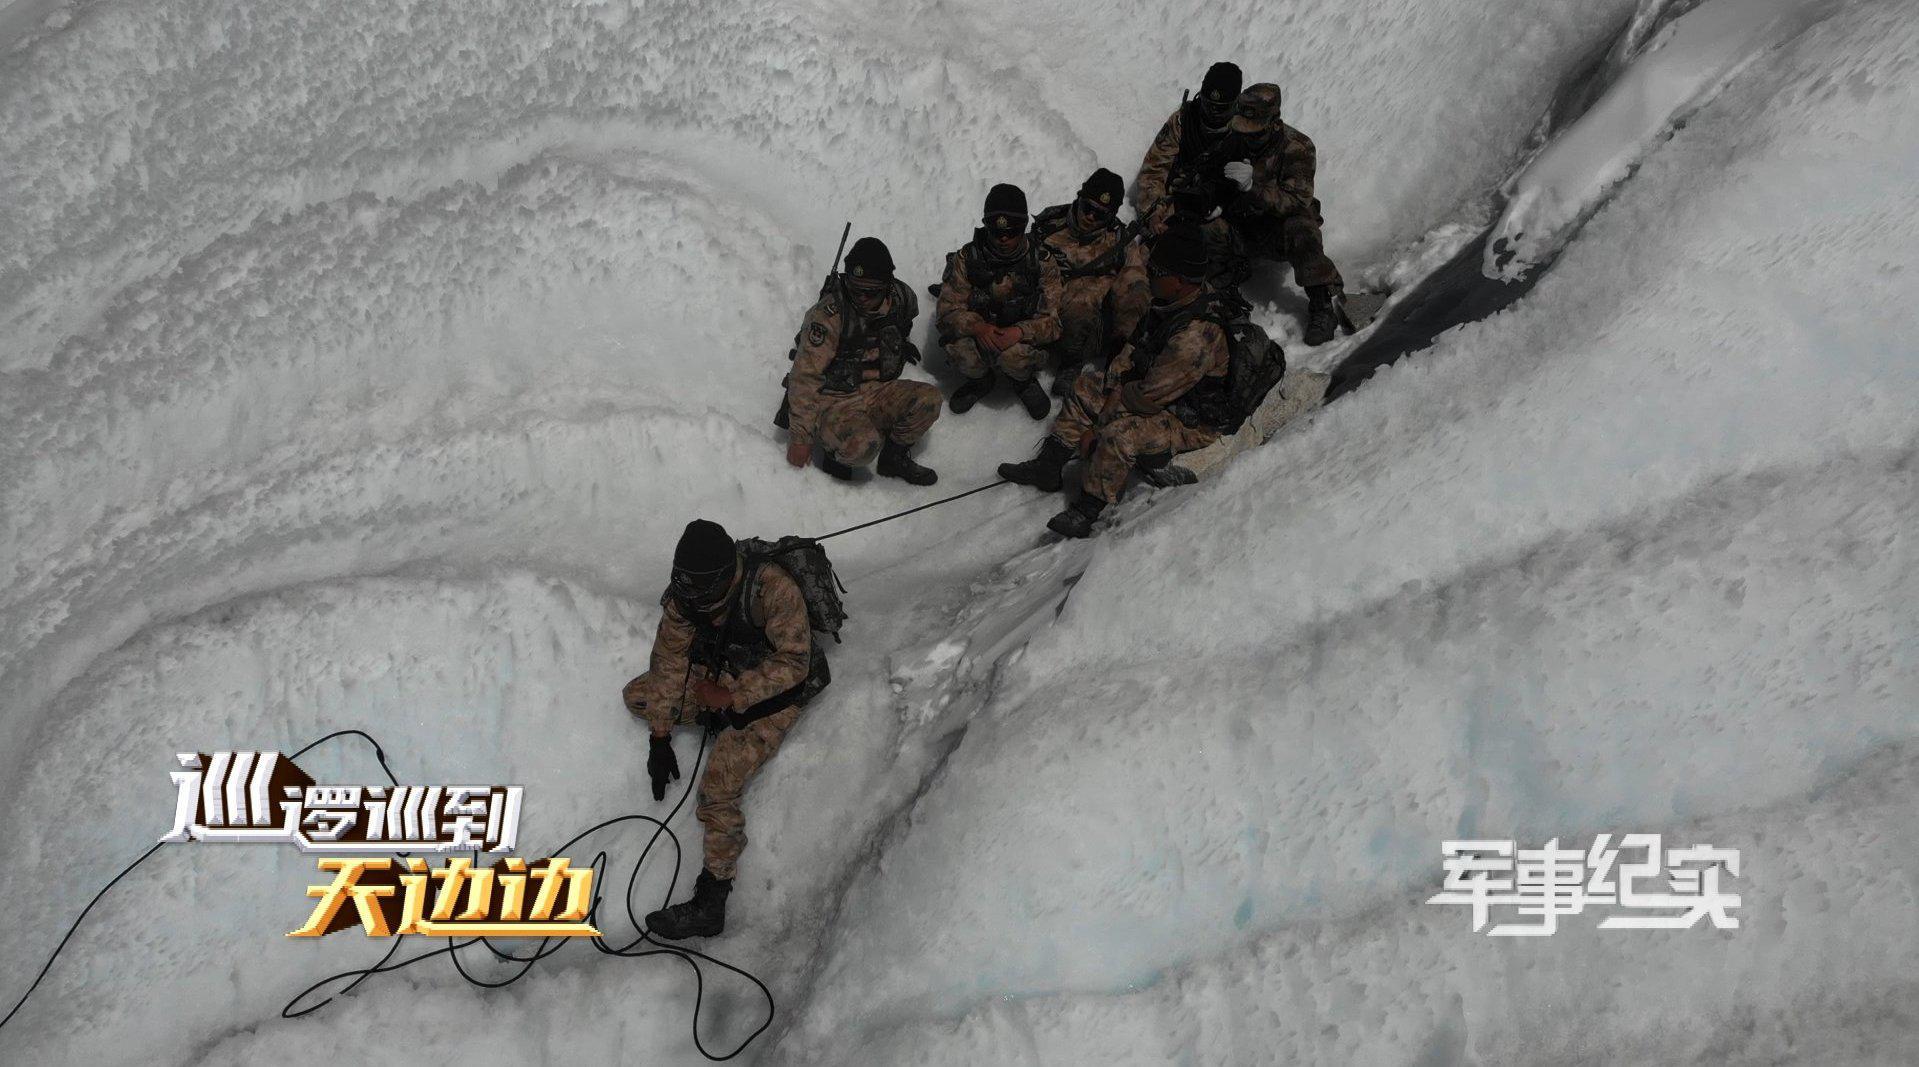 """脚踩冰凌,踏雪前进!看""""00后""""新兵如何征服雪域高原!"""